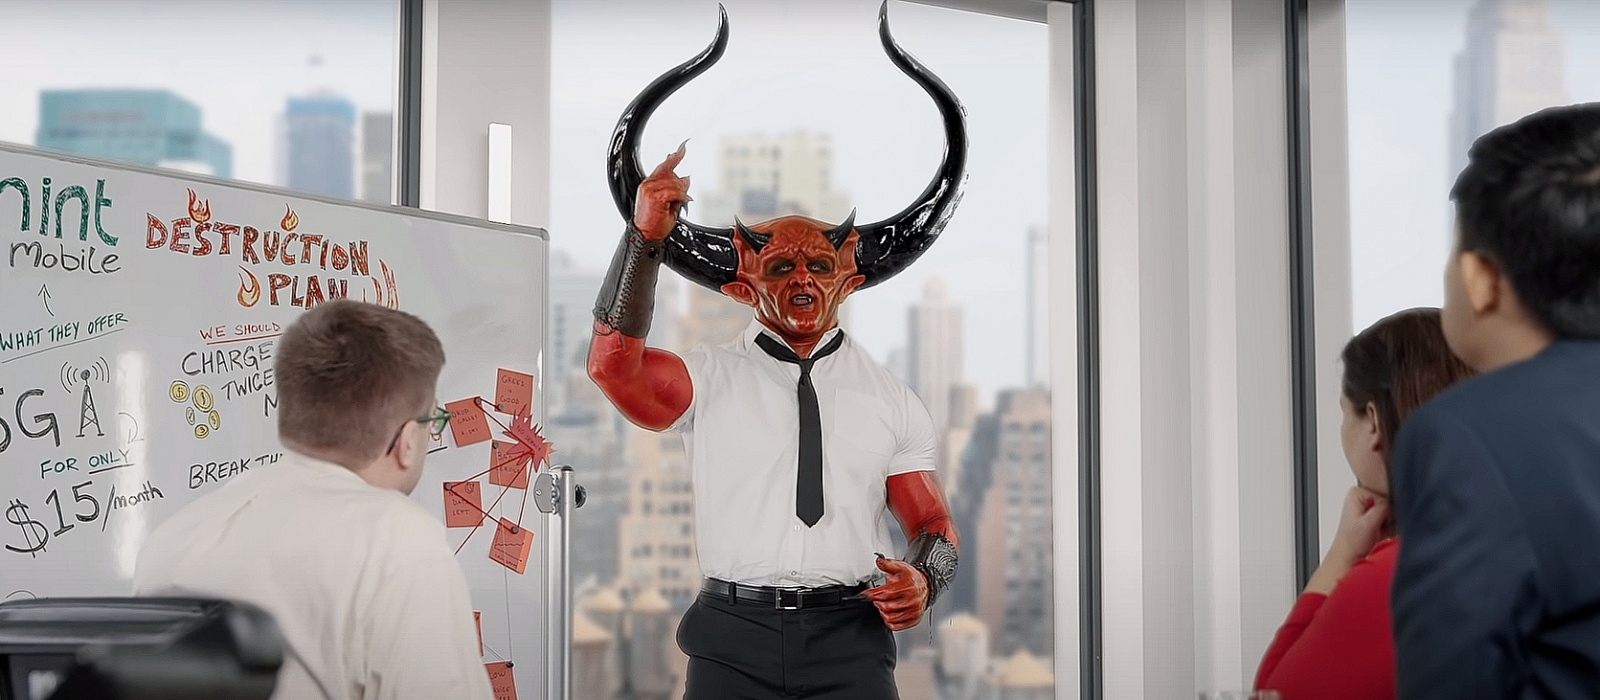 Ryan Reynolds zeigte eine lustige Werbung mit Satan.  Darin zeigt er seinen Traumjob.